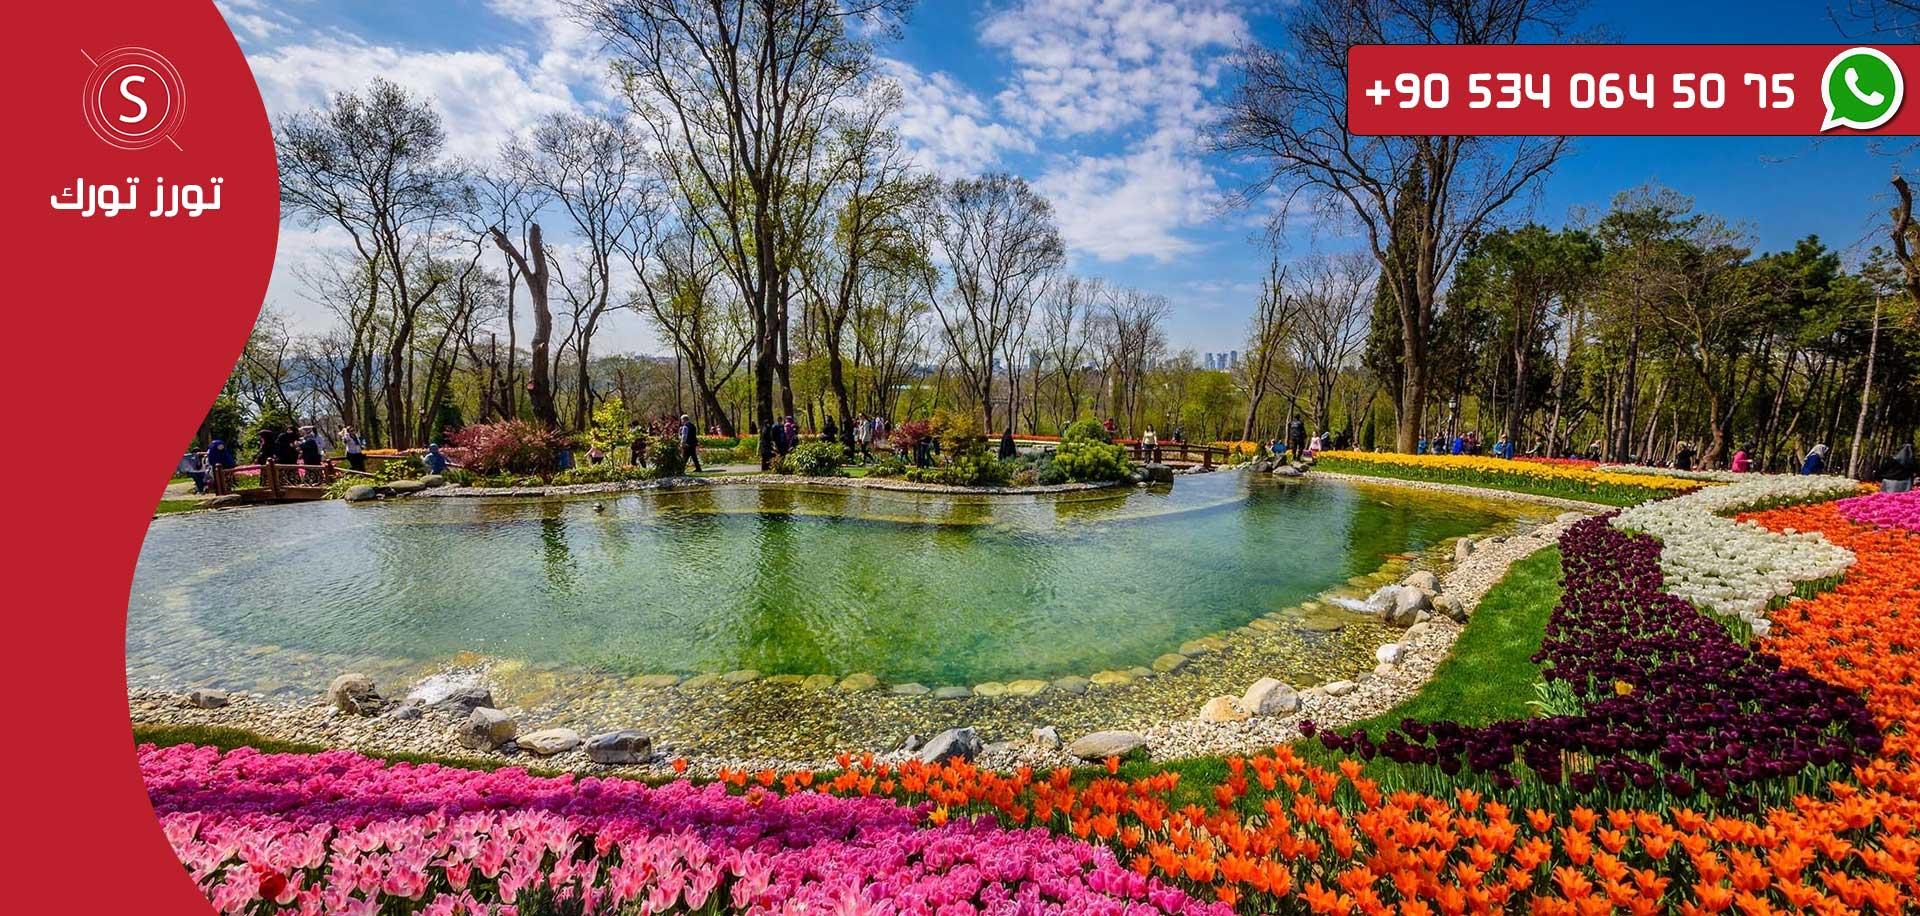 جولة حديقة أميرجان من شركة تورز تورك